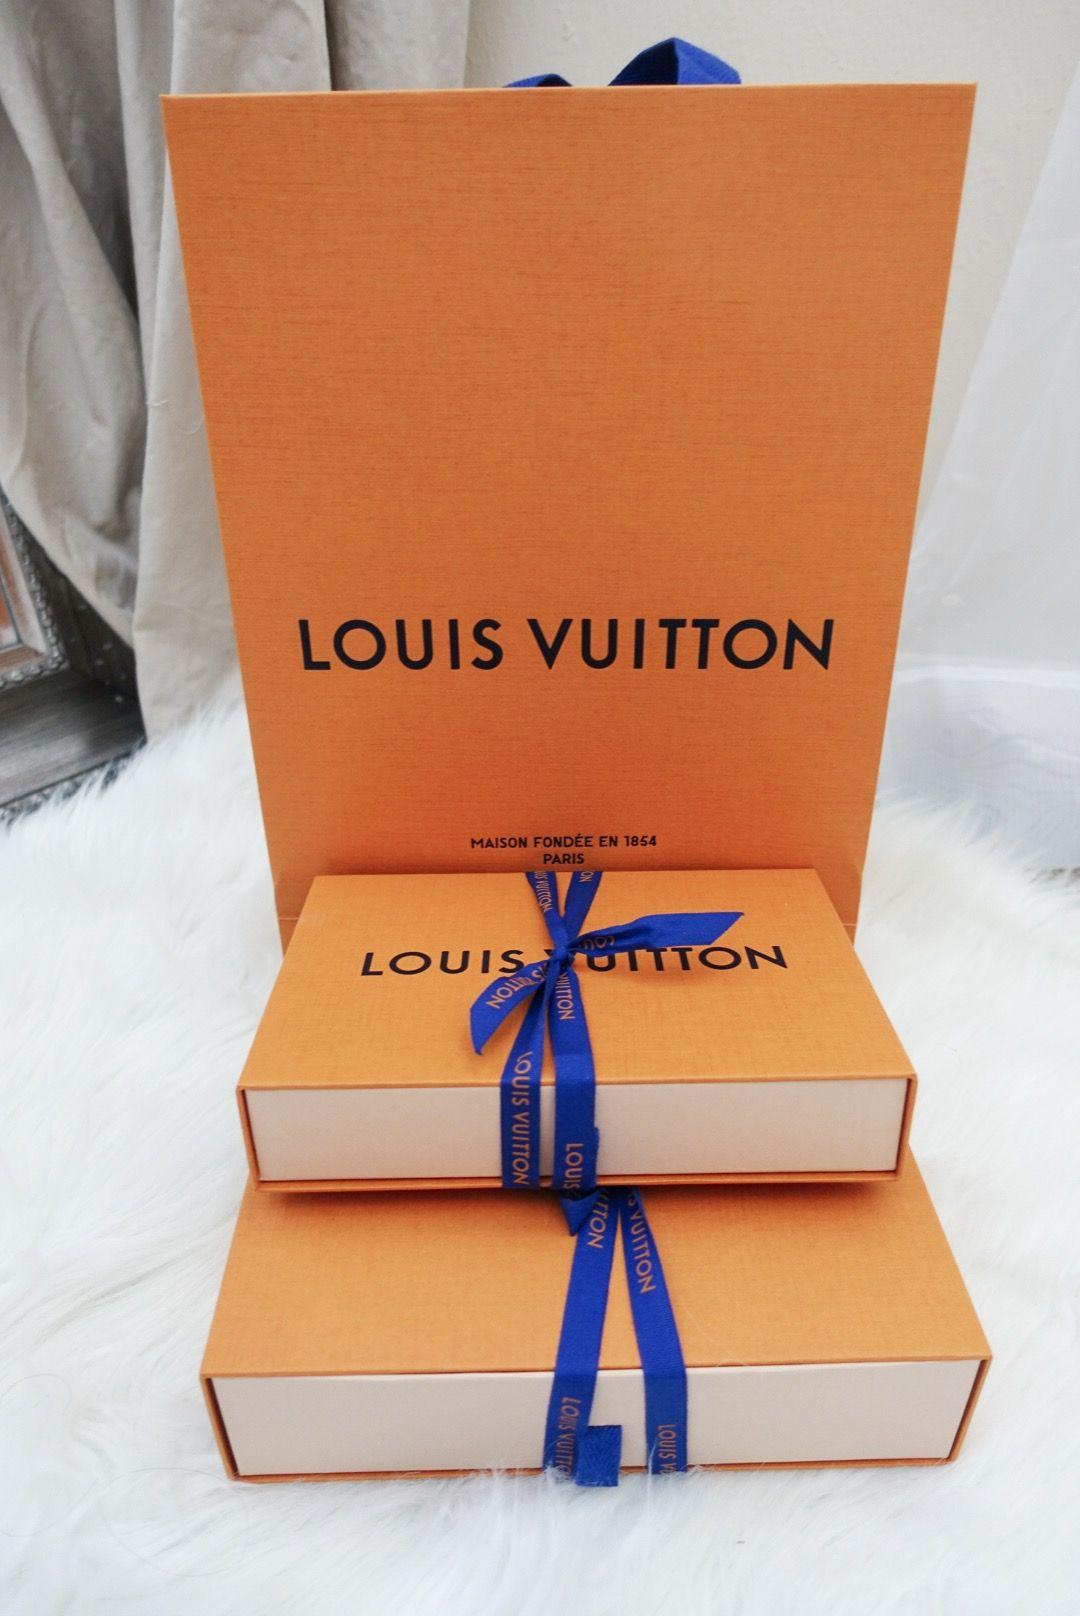 1d76dc846d5d Louis Vuitton Sarah Wallet Review + Unboxing